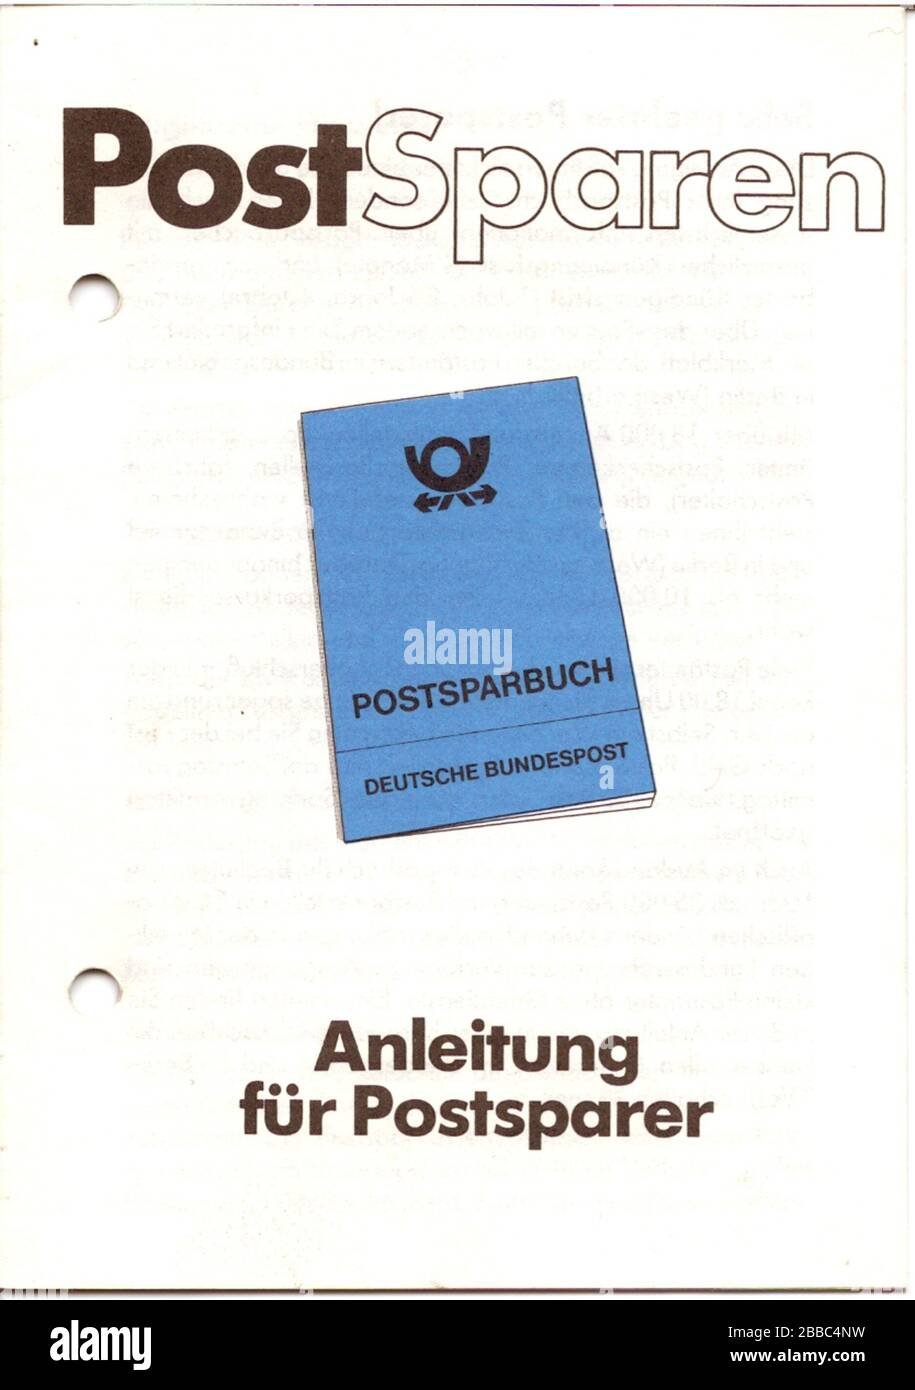 """""""Deutsch: PostSparen - Anleitung für Postsparer (Broschüre der Deutschen Bundespost, gedruckt im Mai 1982, ), enthält Benutzungshinweise, die Postsparkassenordnung vom 1. Dezember 1969 und einen Auszug aus dem Gesetz über das Postwesen vom 28. Juli 1969. Auf dem letzten Blatt befindet sich das Emblem der Bundesdruckerei und folgende Angaben 5.82 — 6 926 2000 000 A 6/8, Kl.68 m. Das Impressum fehlt. Seite 10 enthält den Text Ihre Deutsche Bundespost. Die 16seitige Broschüre erhielt ich Mitte der 1980er Jahre von einem Postamt.; 22 March 2009; Own work; User:Mattes; """" Stock Photo"""